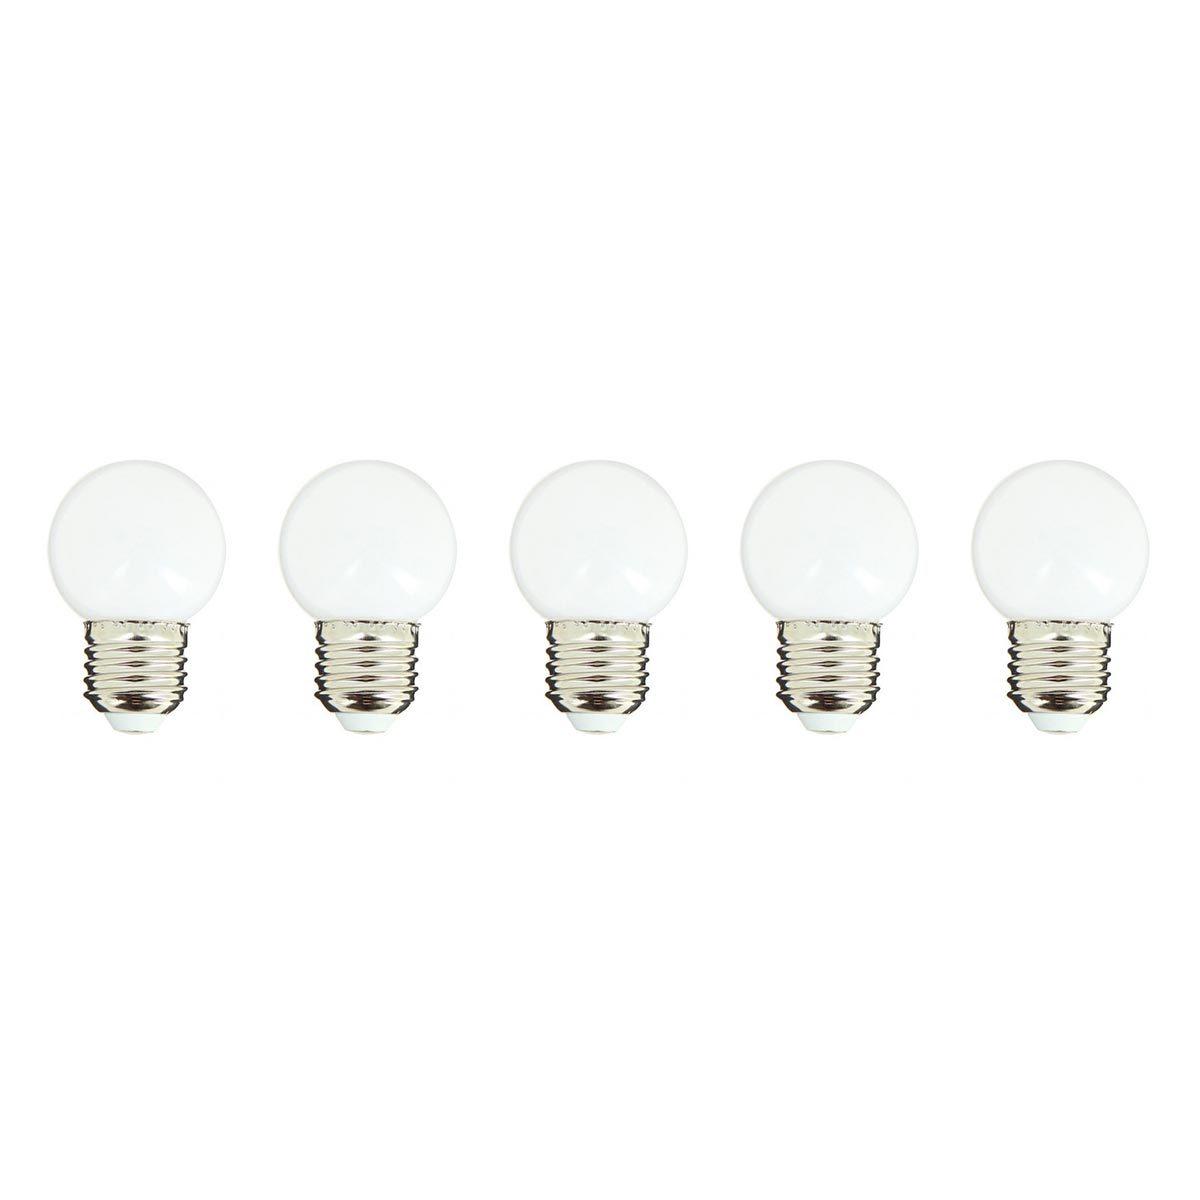 Lot de 5 ampoules LED E27 plastique blanc H7cm